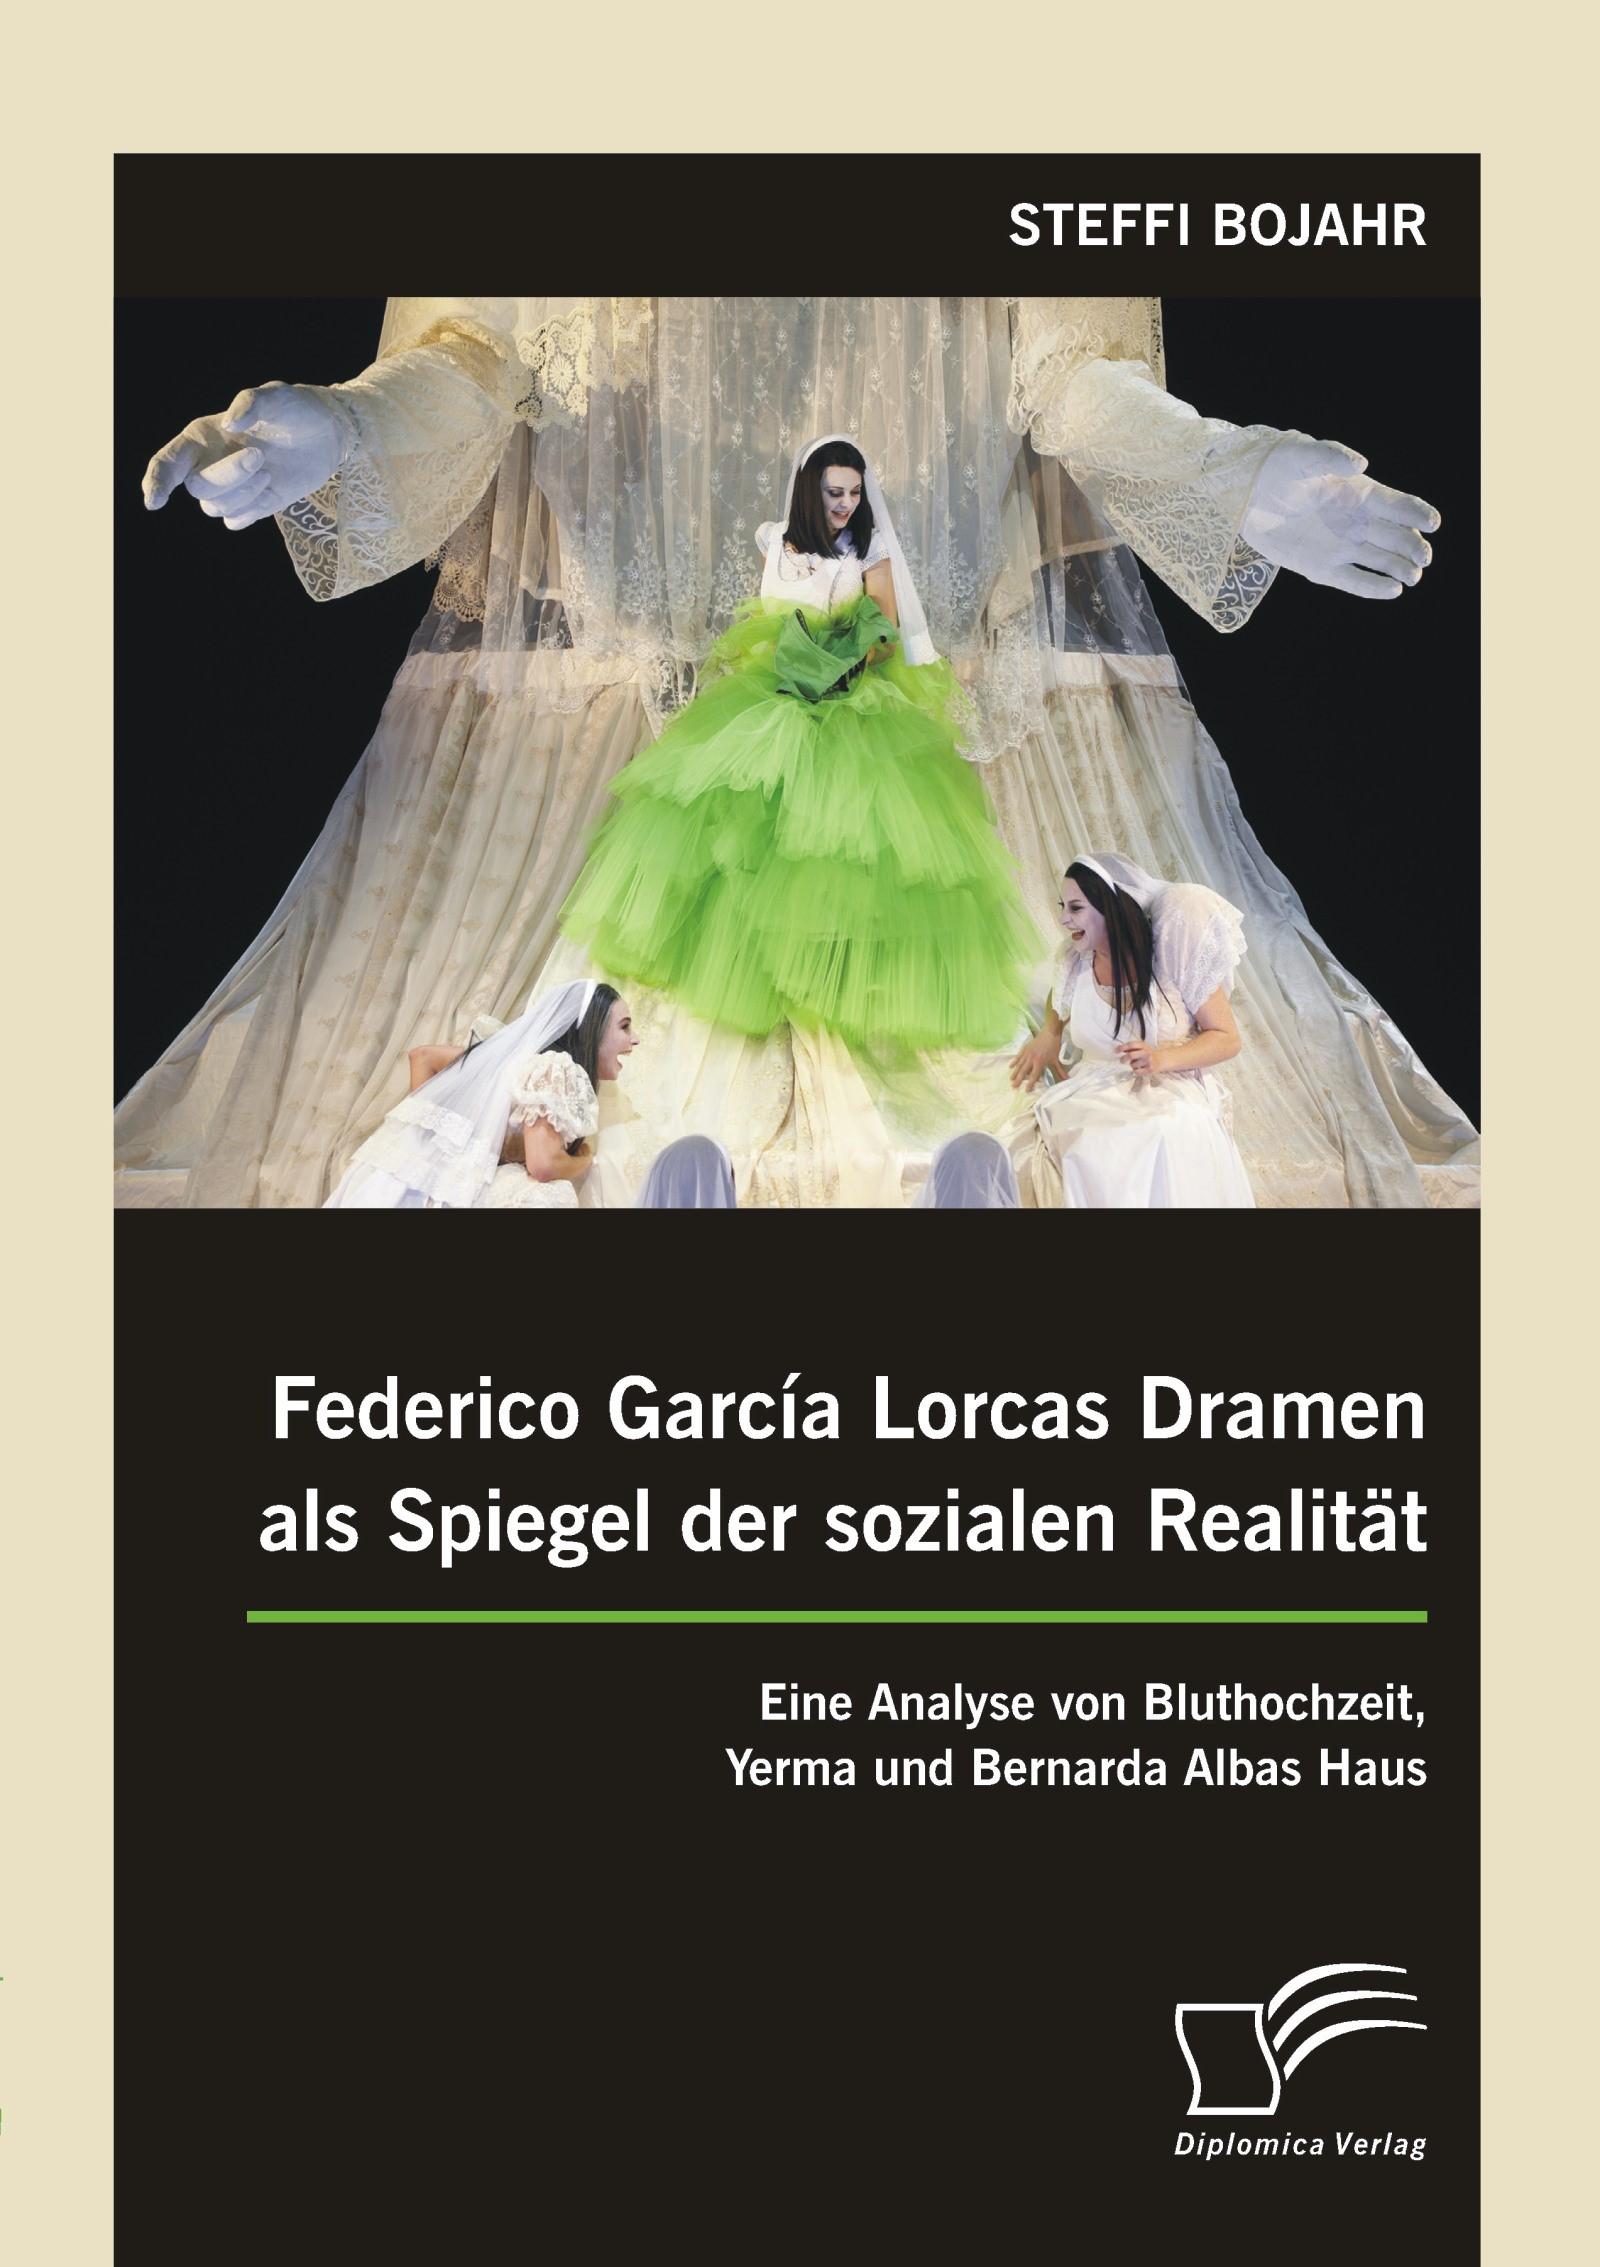 Federico García Lorcas Dramen als Spiegel der sozialen Realität: Eine Analyse von Bluthochzeit, Yerma und Bernarda Albas Haus | Bojahr | Erstauflage, 2015 | Buch (Cover)